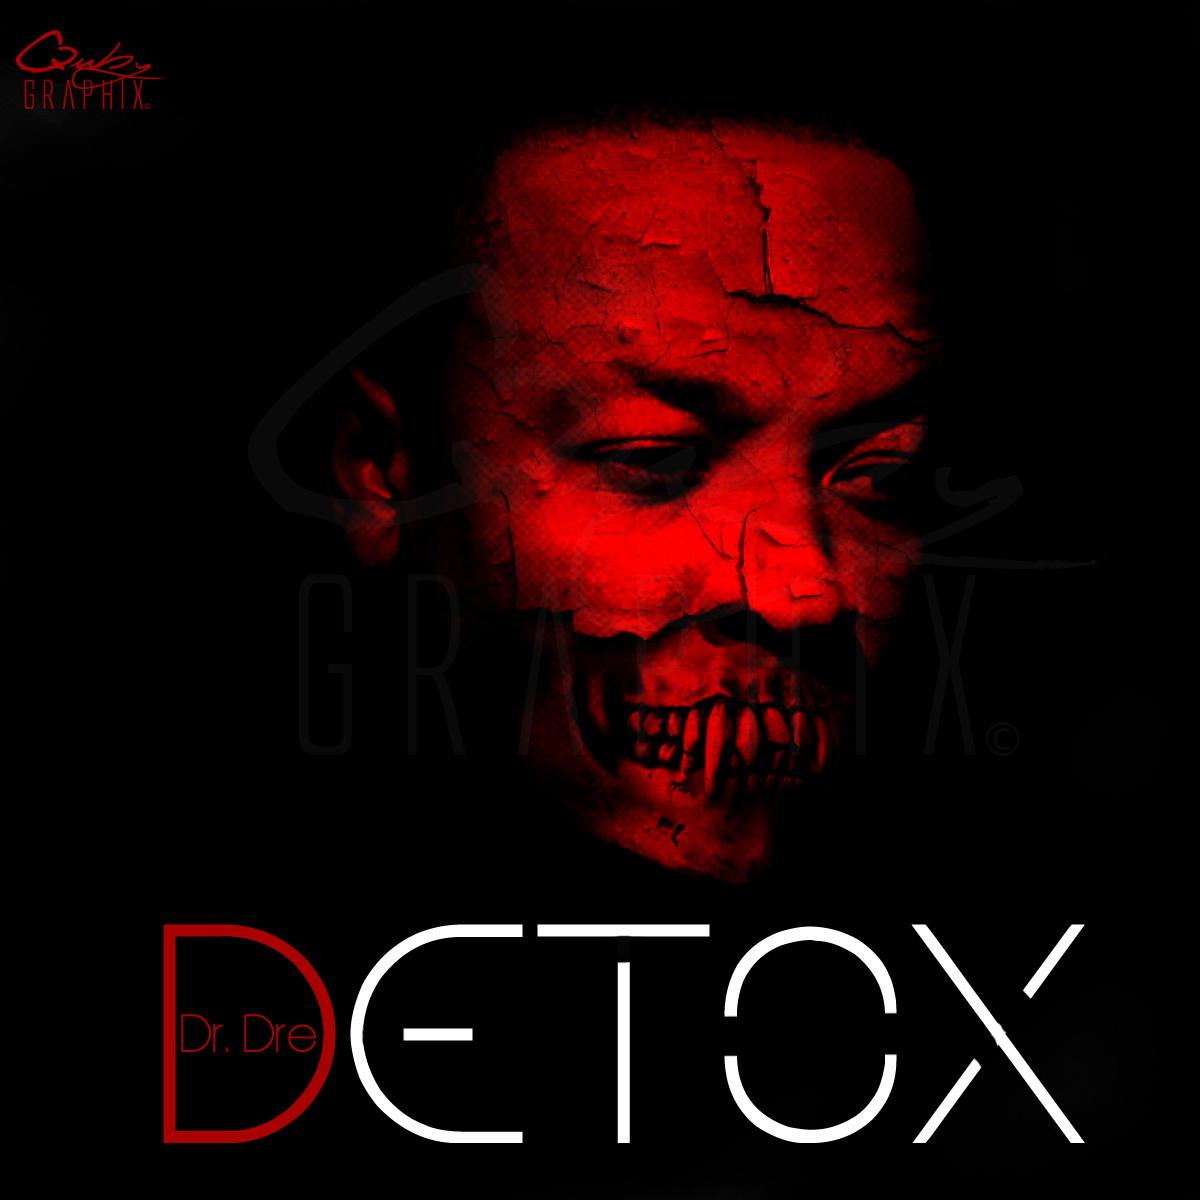 [10's] Dr. Dre feat. Eminem & Skylar Grey - I Need A Doctor (2011) Dr.%20Dre%20%20-%20Detox